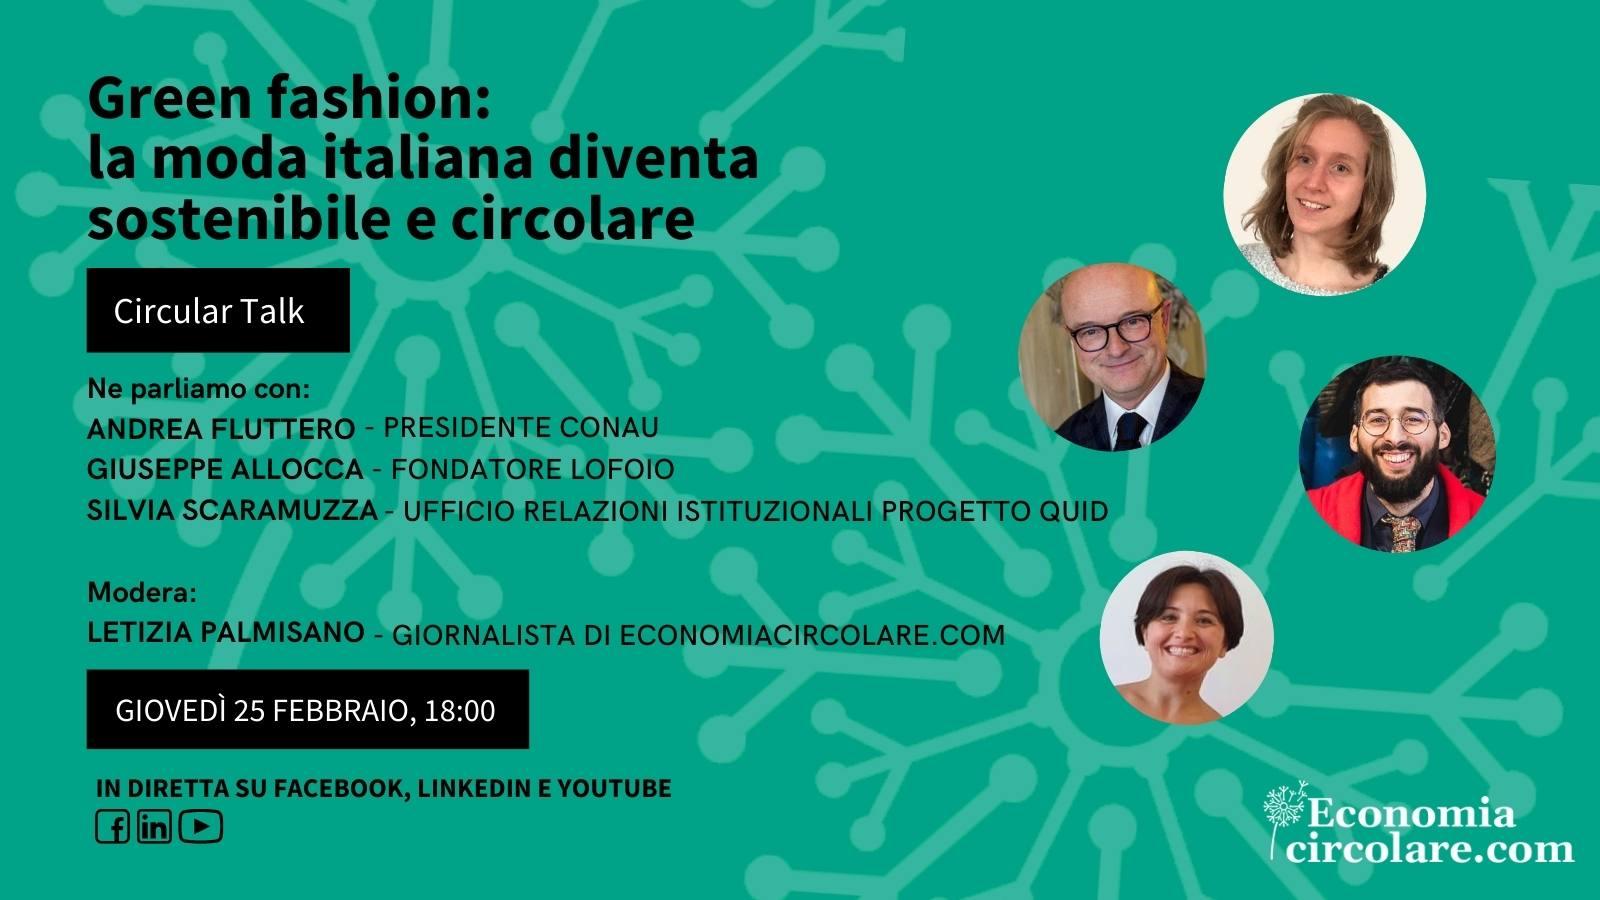 Green fashion la moda italiana diventa sostenibile e circolare